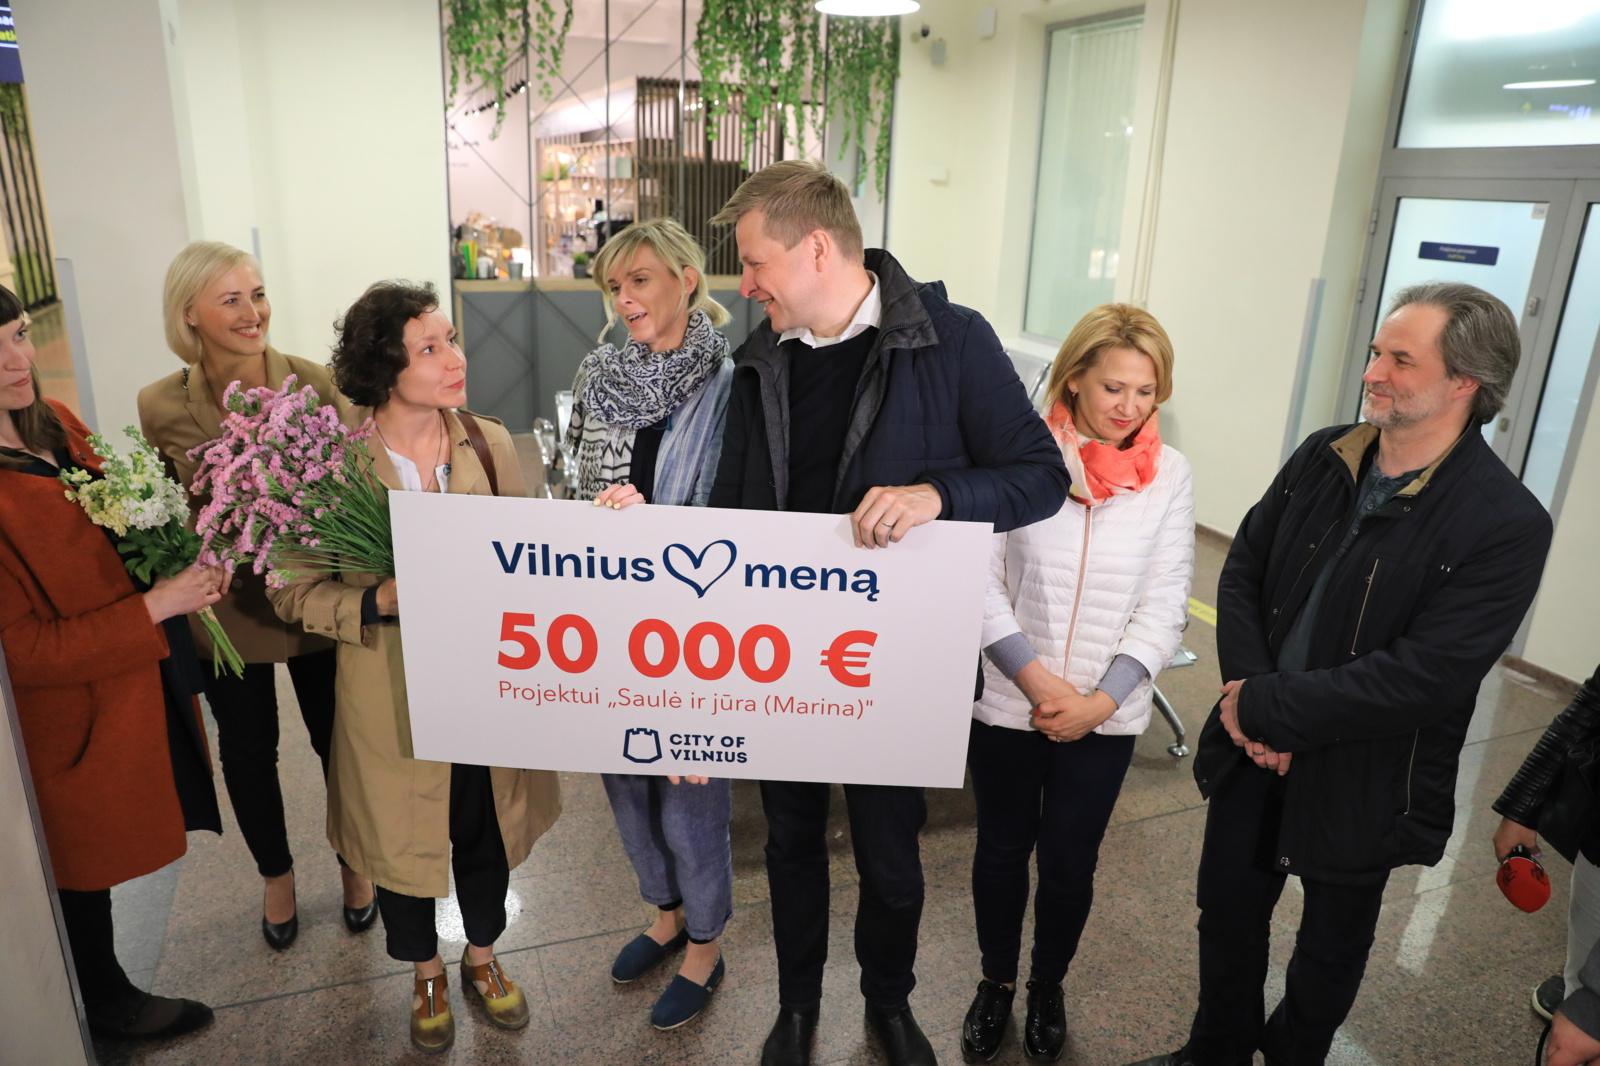 Vilniaus dovana Venecijos bienalėje triumfavusioms lietuvėms – 50 tūkst. Eur ir pažadas ekspozicijai